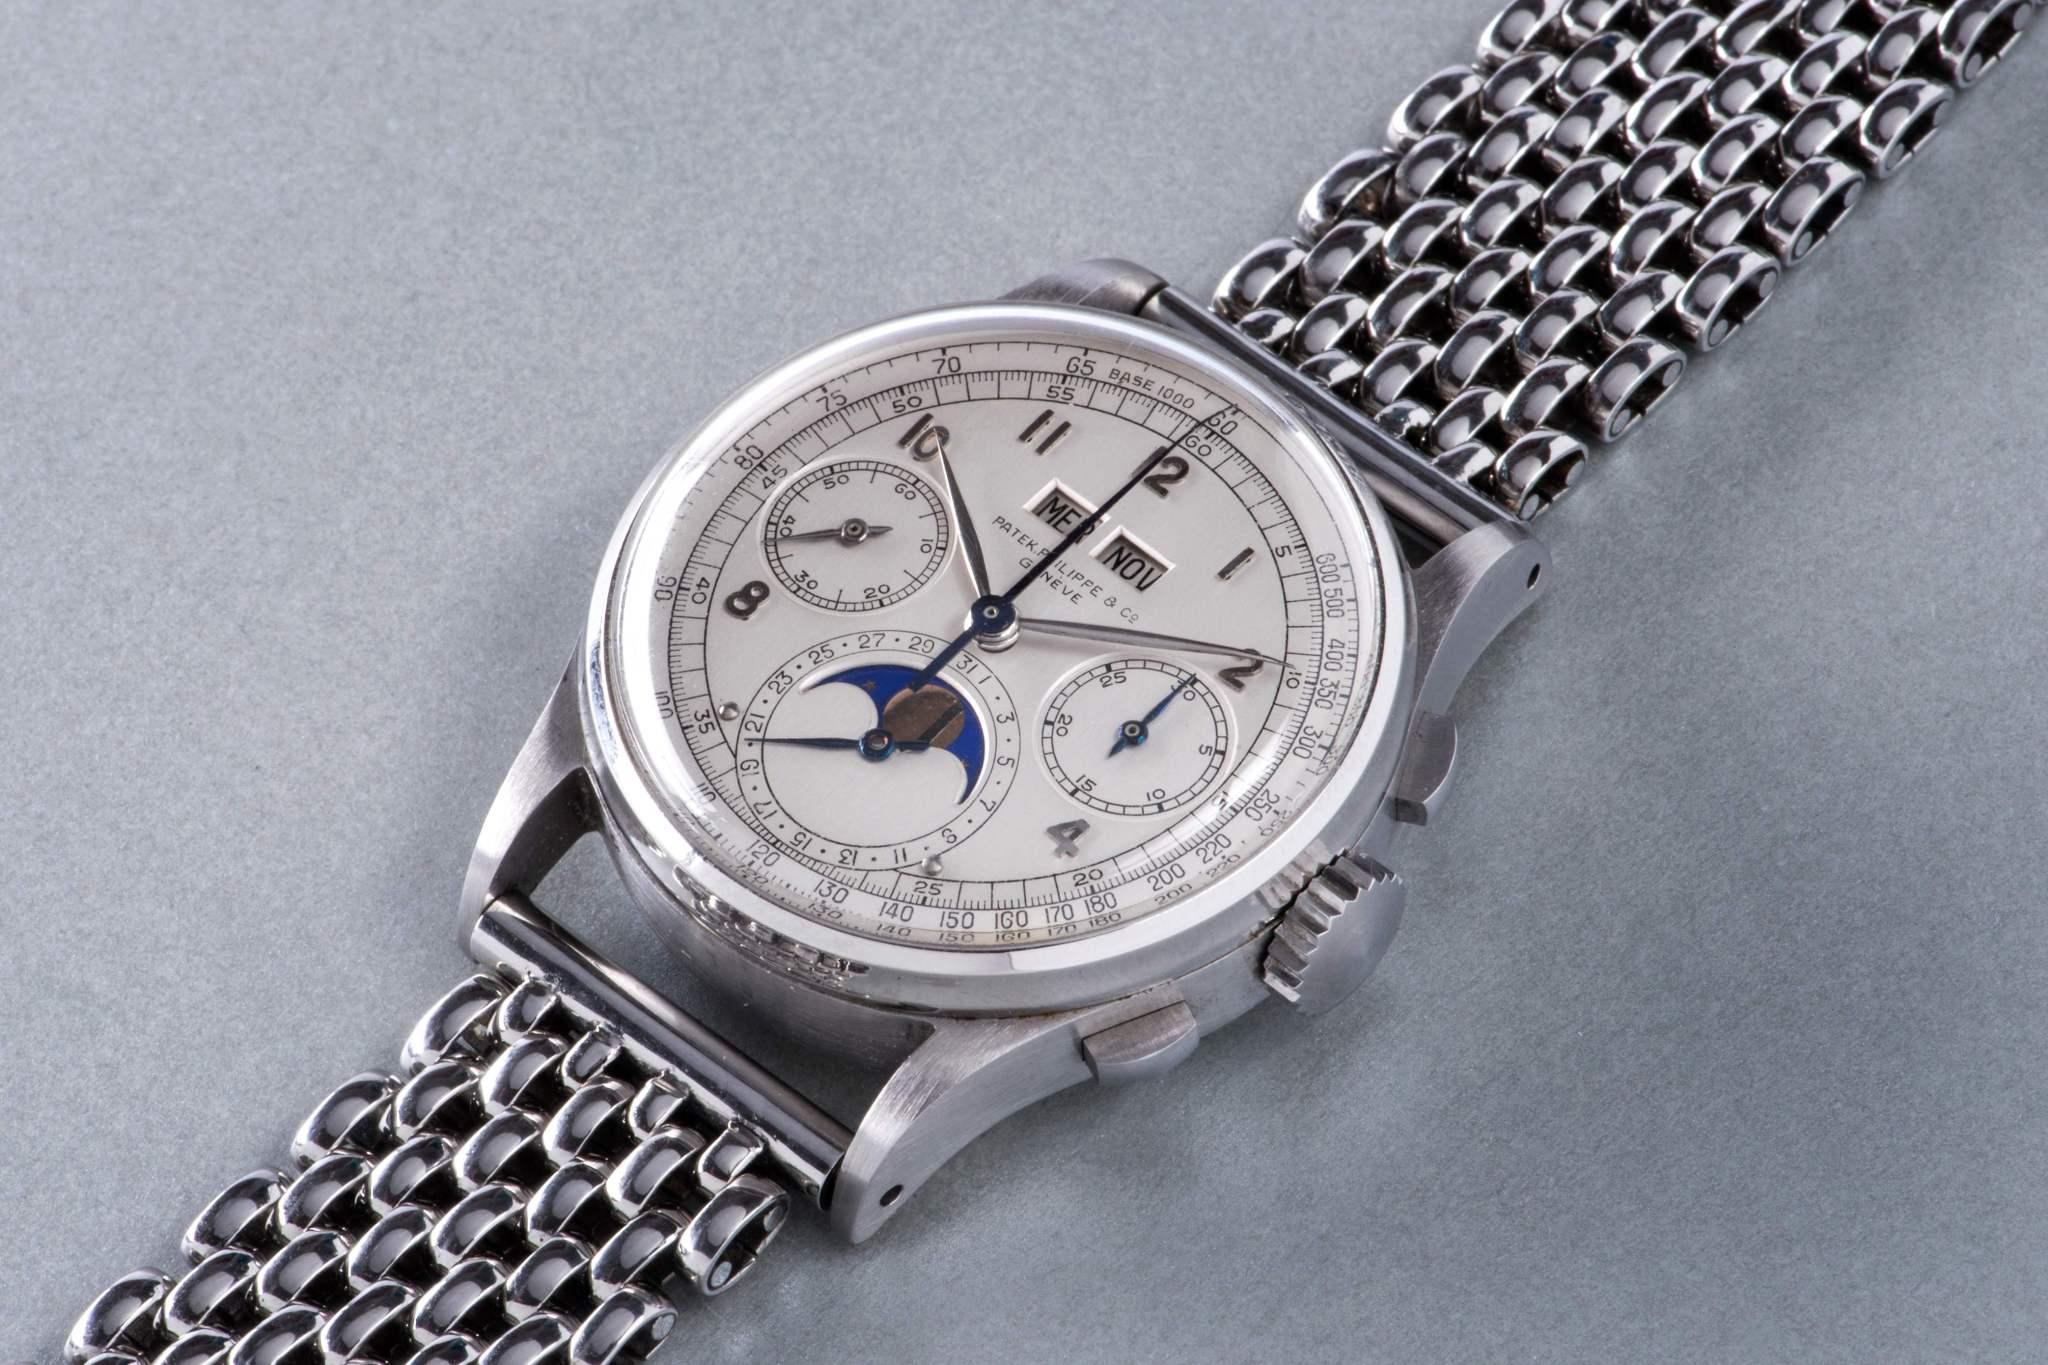 一块罕见的百达翡丽 1518全钢表以1100万美元刷新腕表拍卖纪录